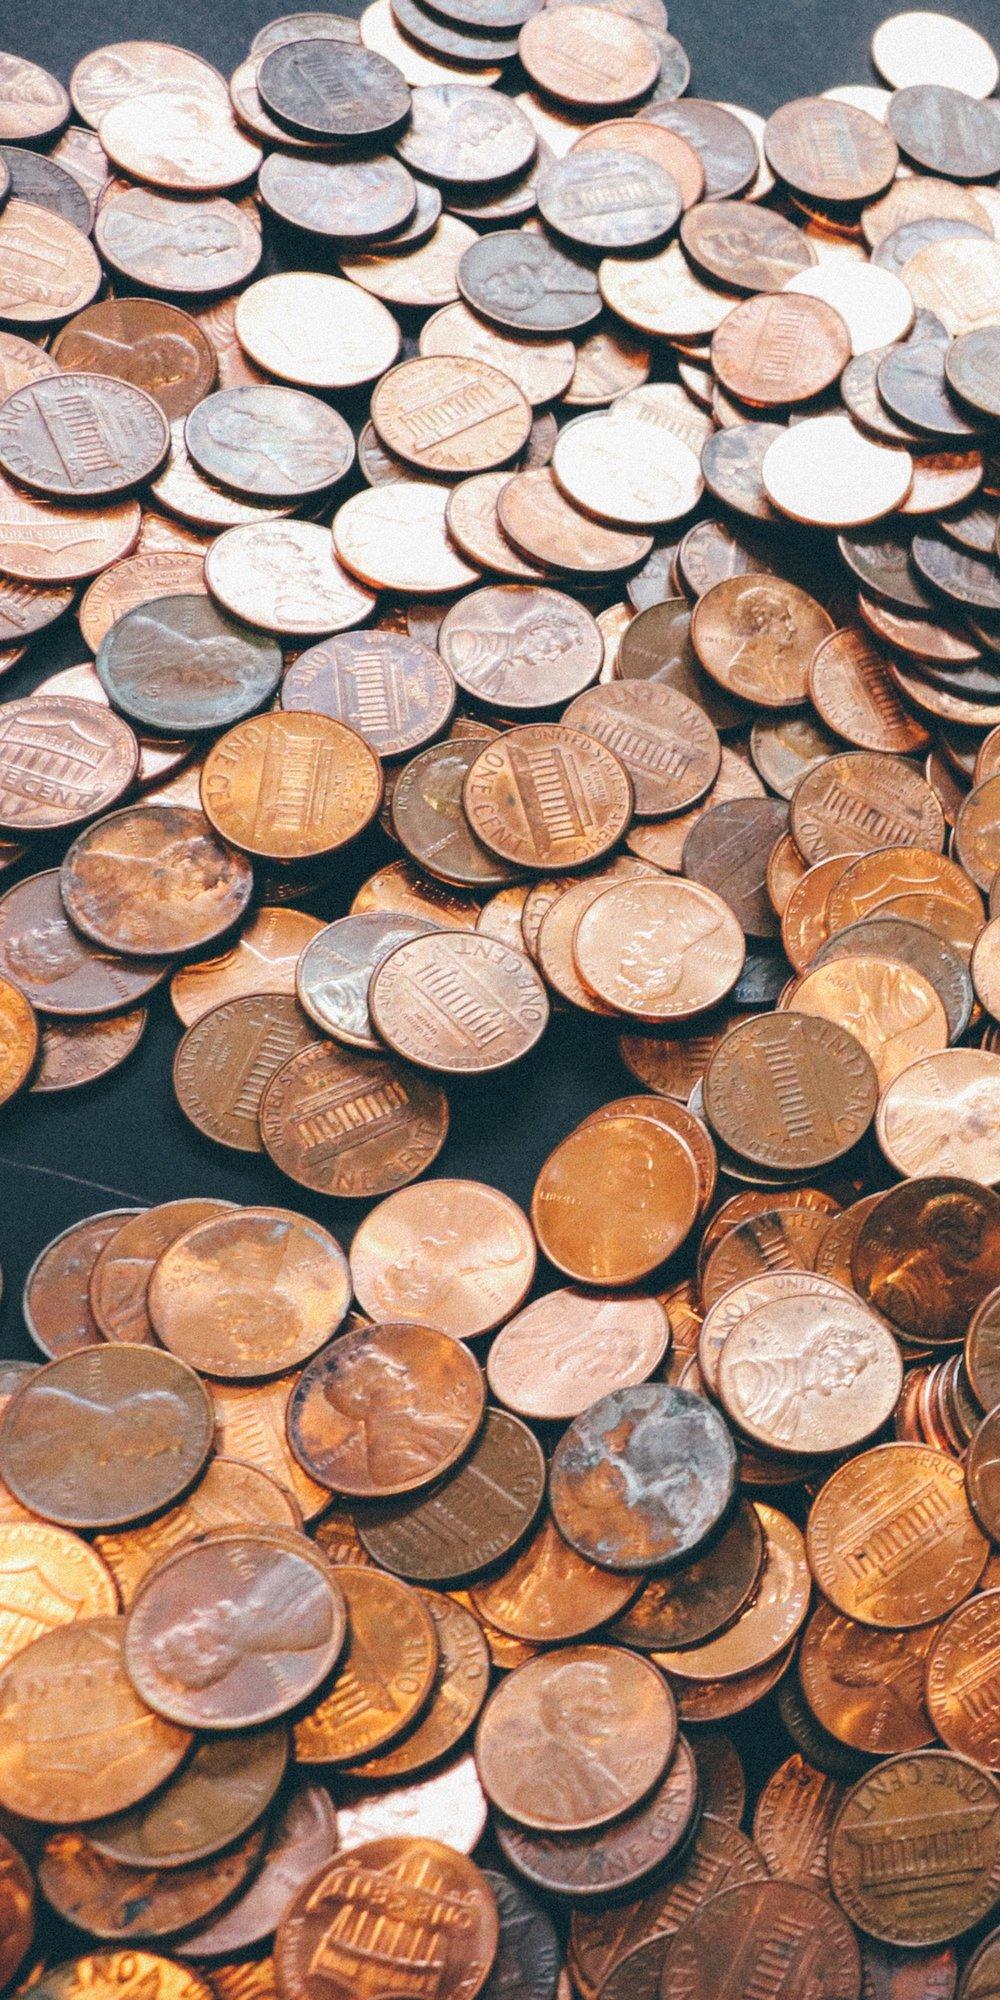 cash-coins-money-259165 [www.imagesplitter.net]-0-0.jpeg